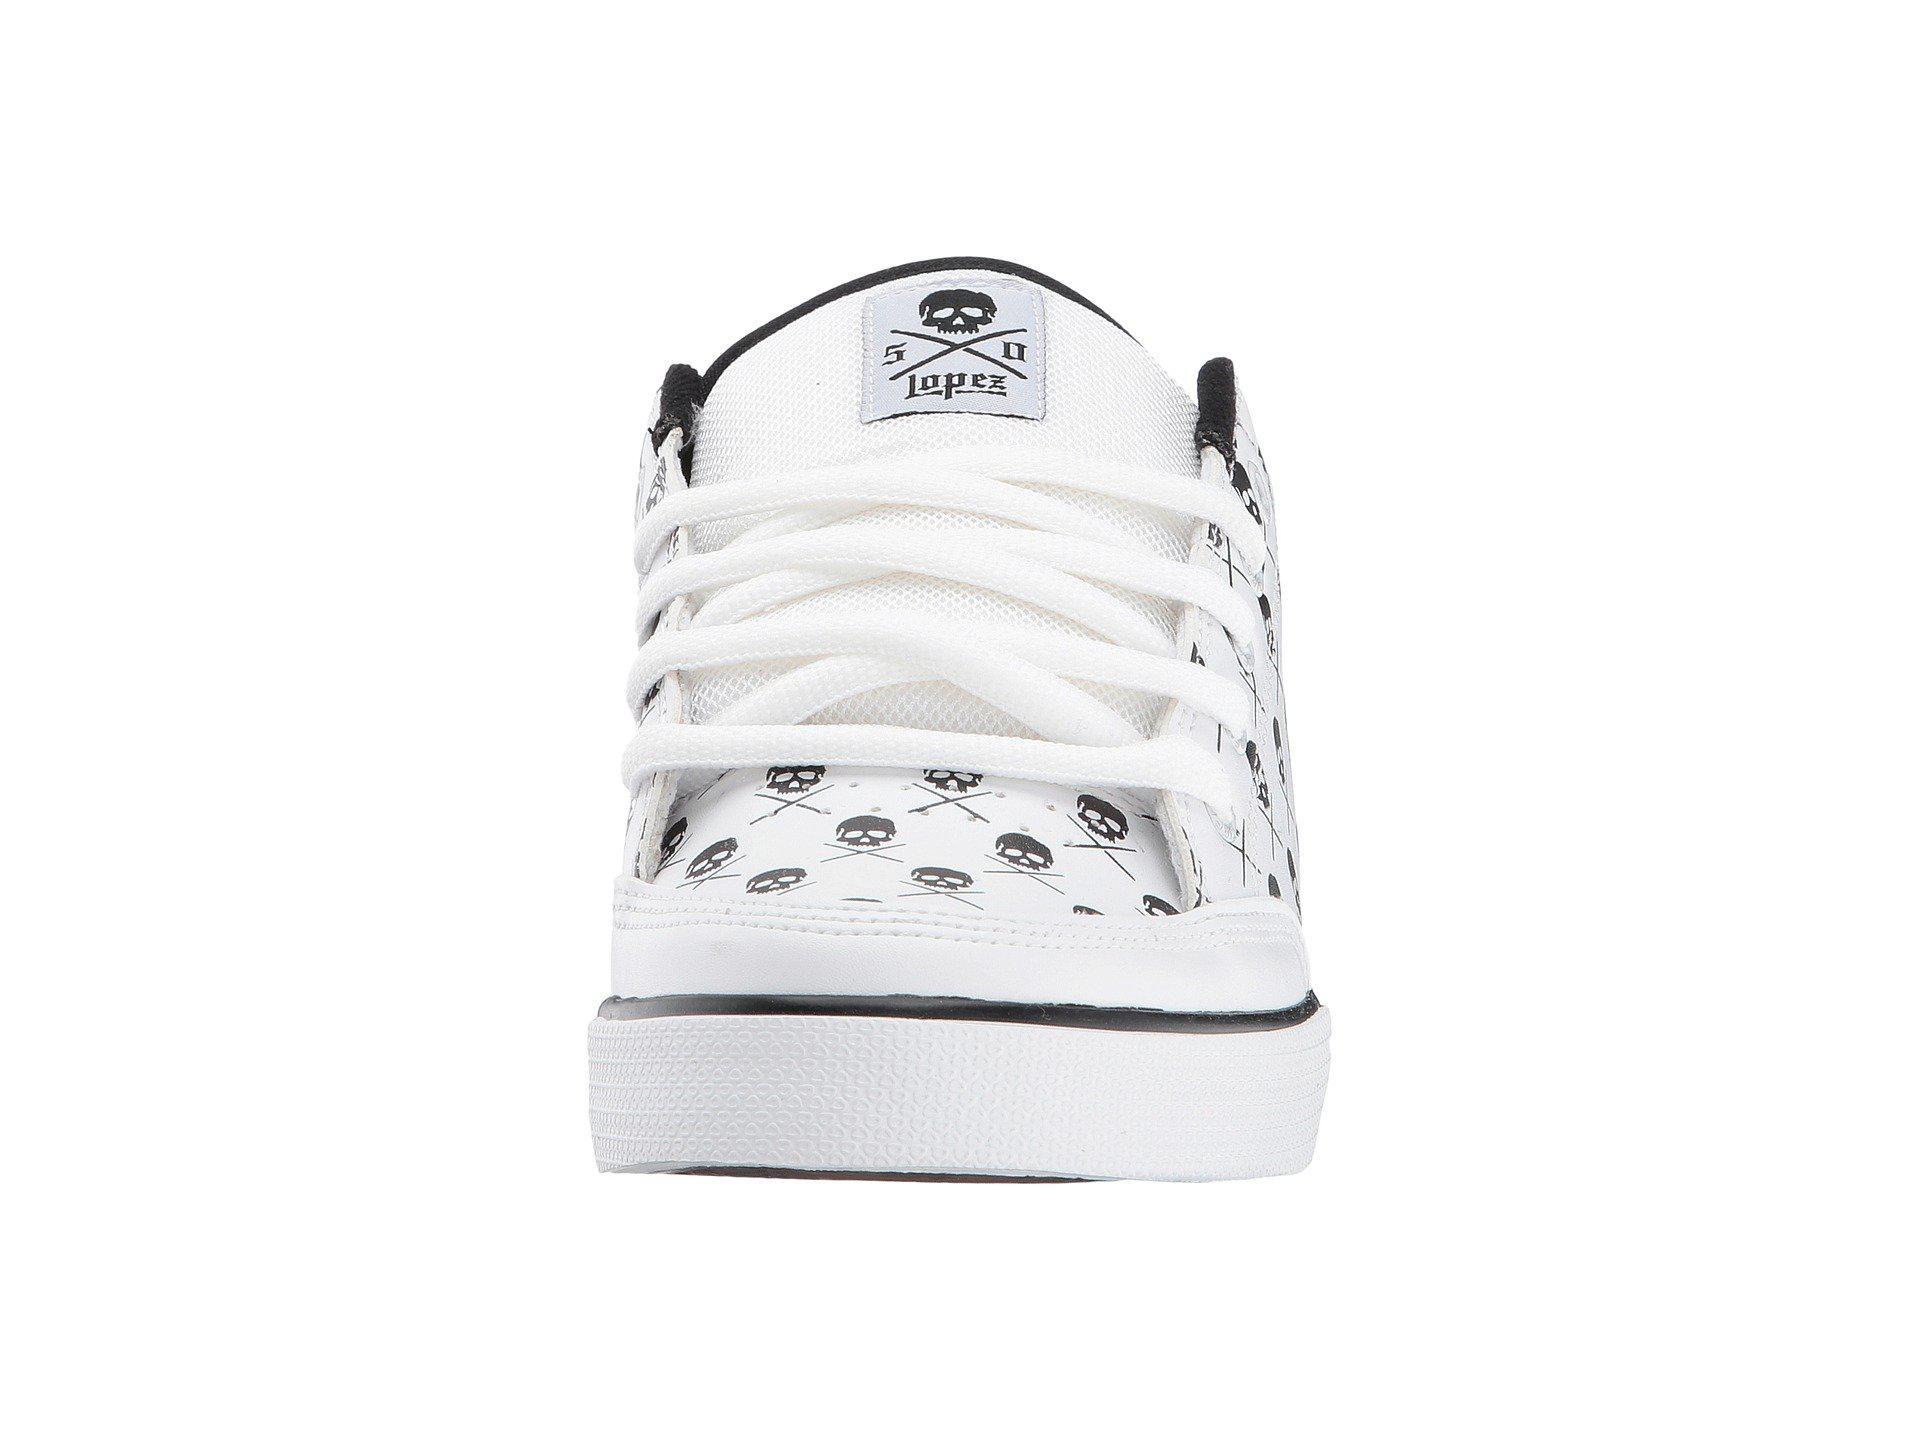 805a2d37bf12 Lyst - Circa Al50 in White for Men